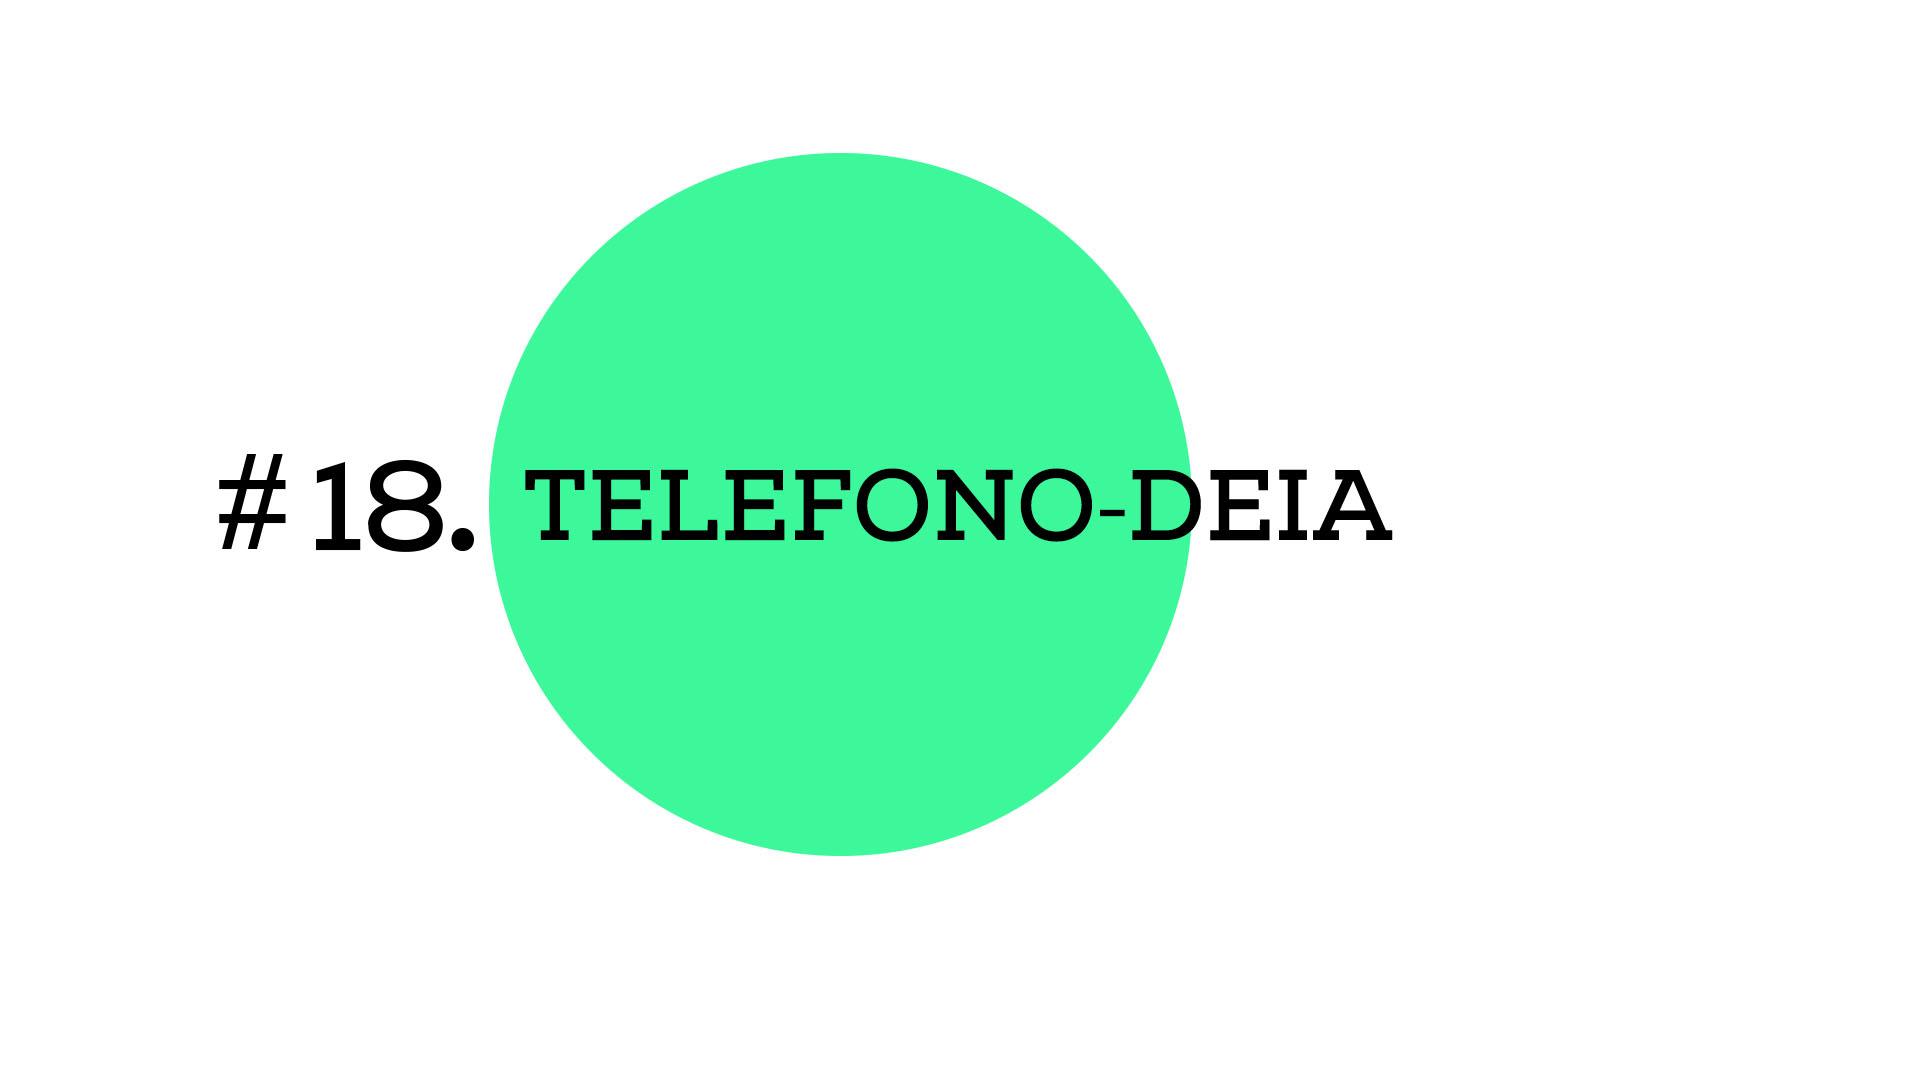 Telefono-deia (A1E18)